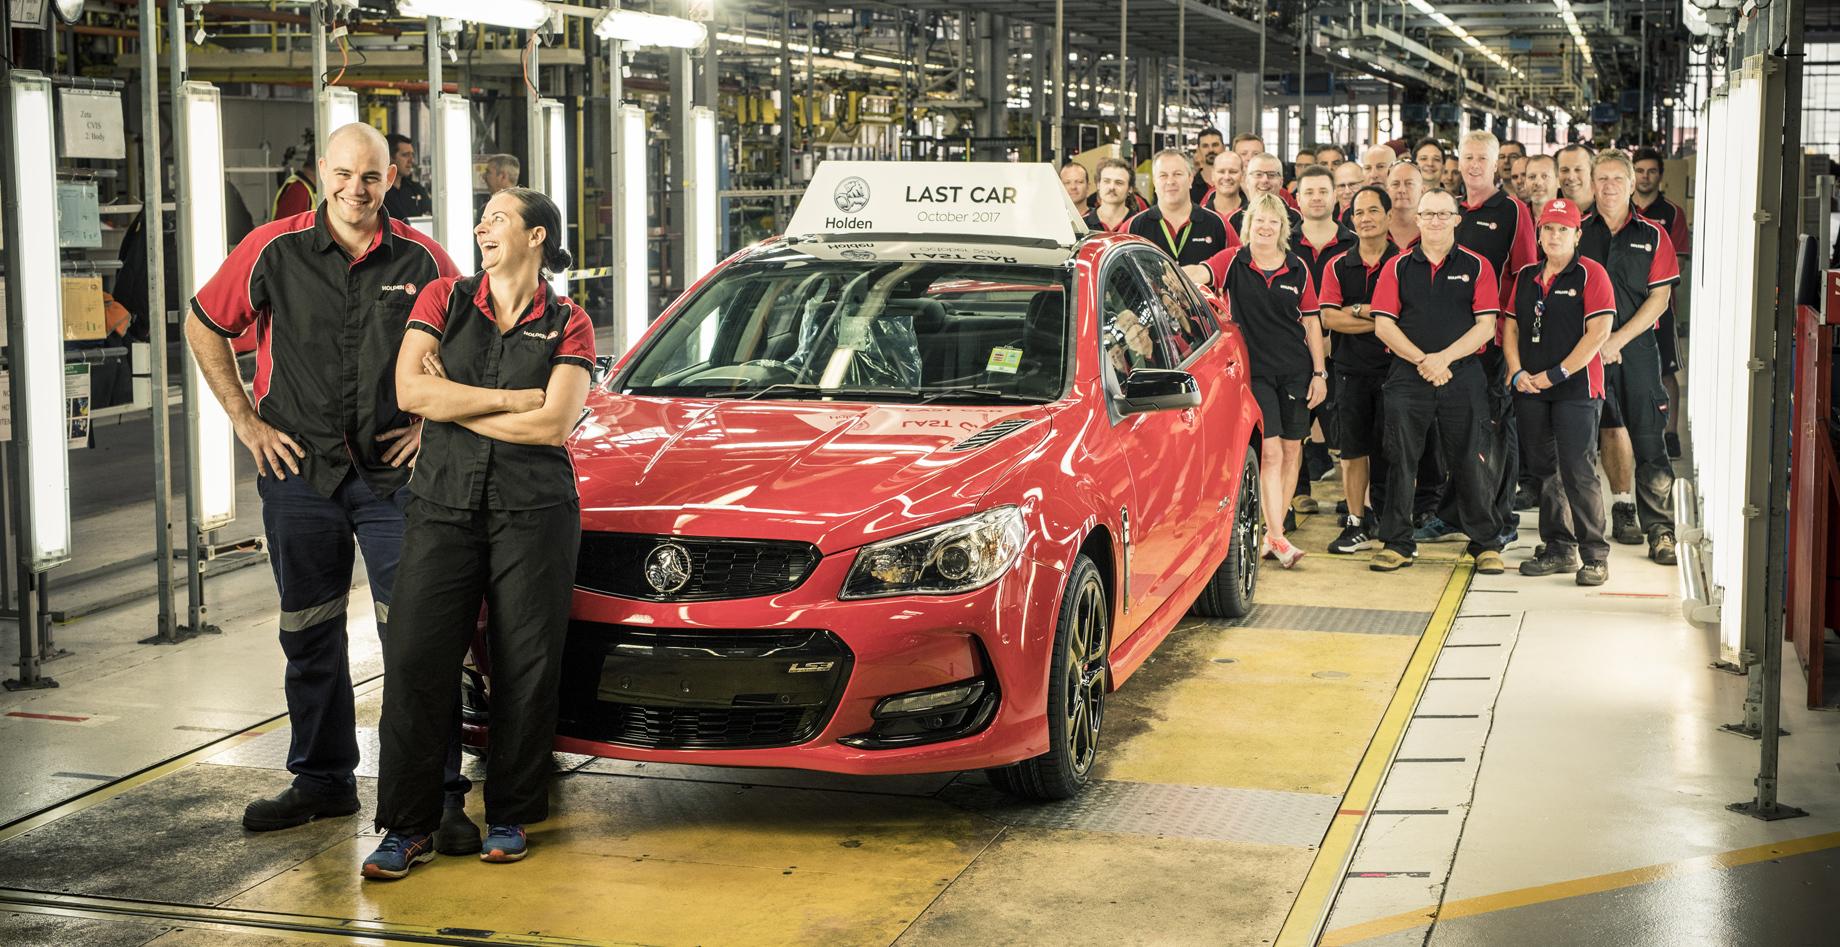 Концерн GM решил окончательно закрыть бренд Holden